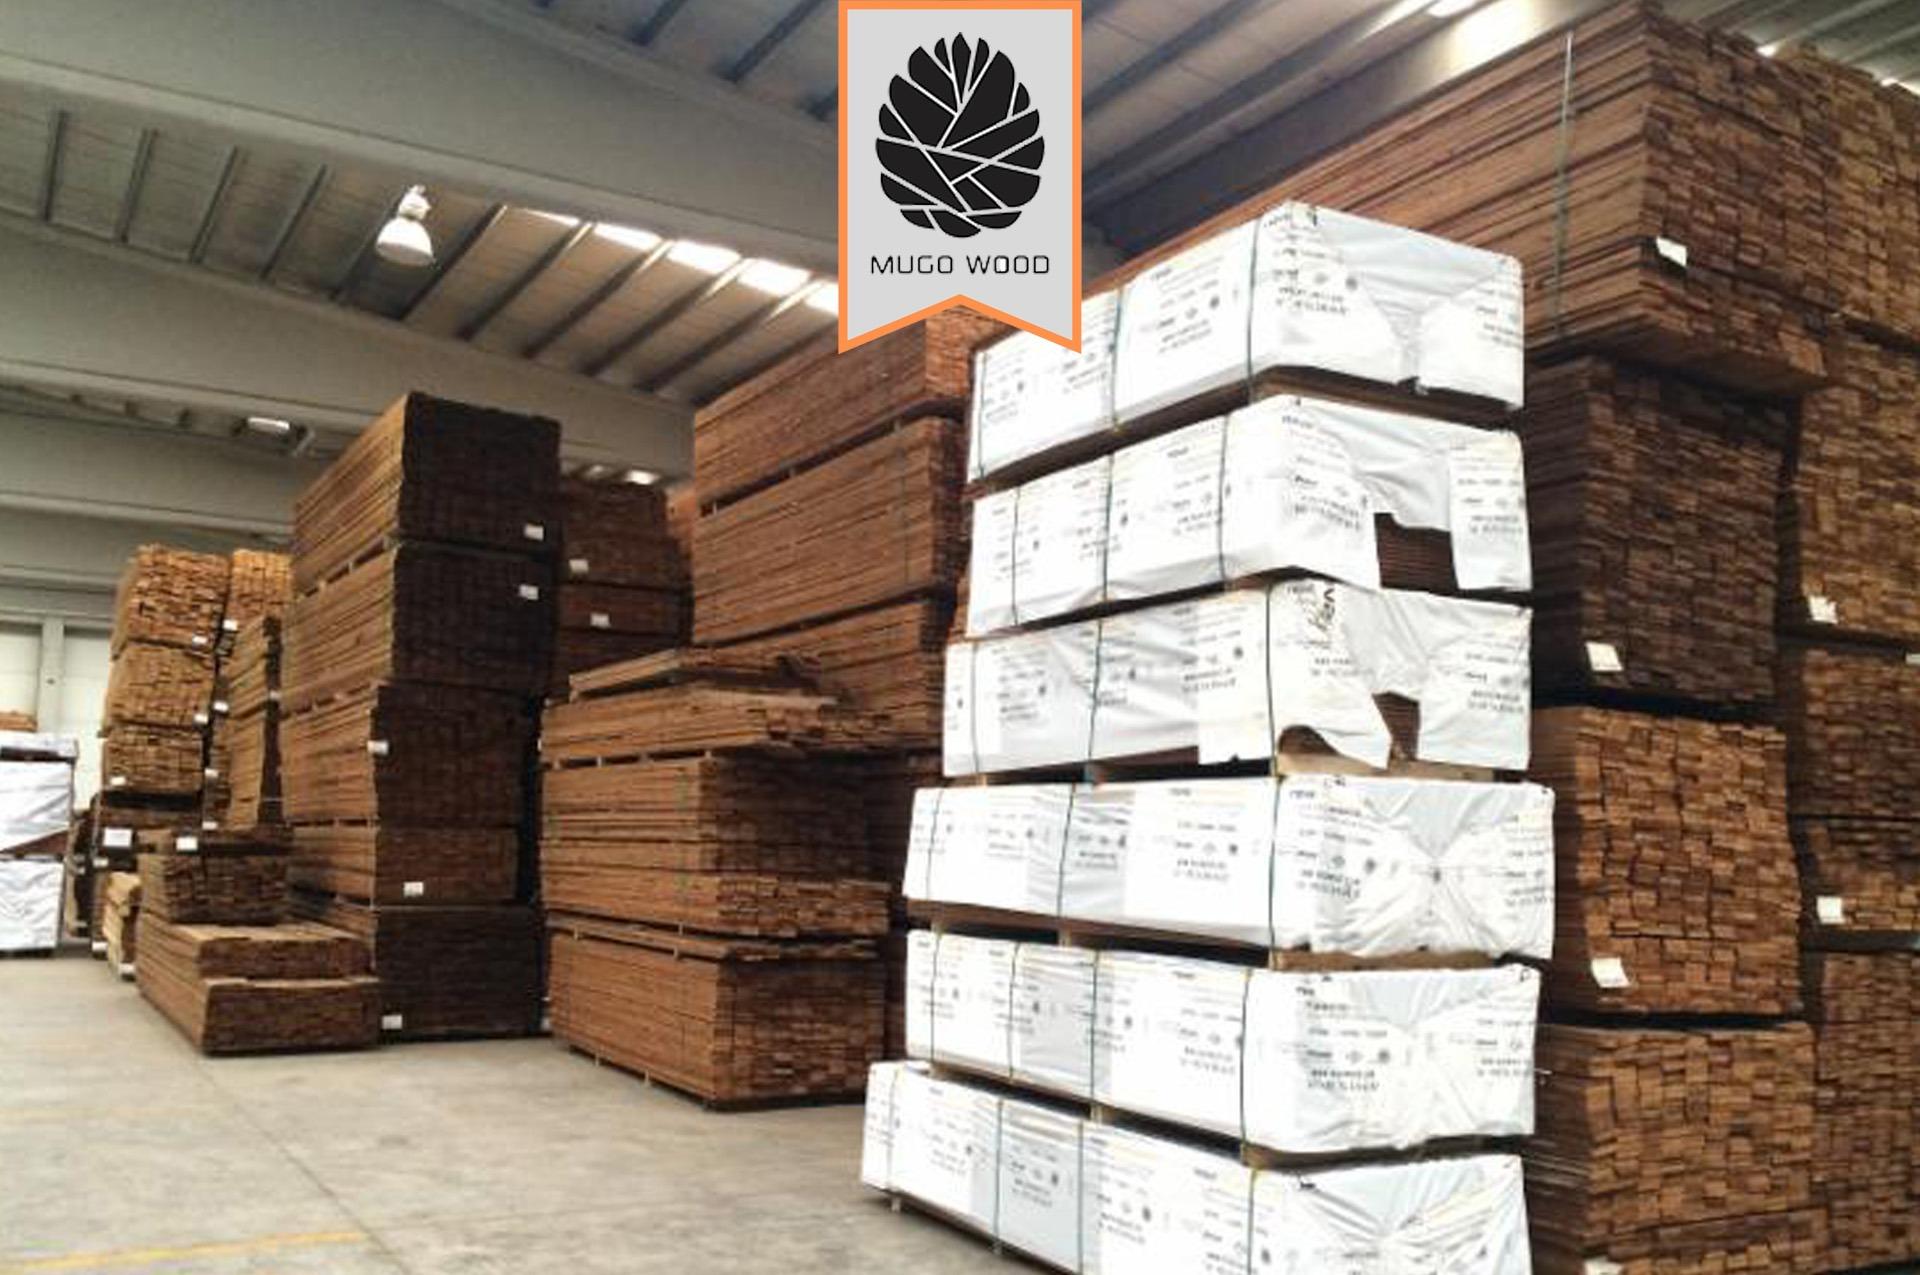 ابعاد چوب ترموود | موگو وود | ترموود | چوب ترموود | رنگ ترموود | قیمت چوب ترموود